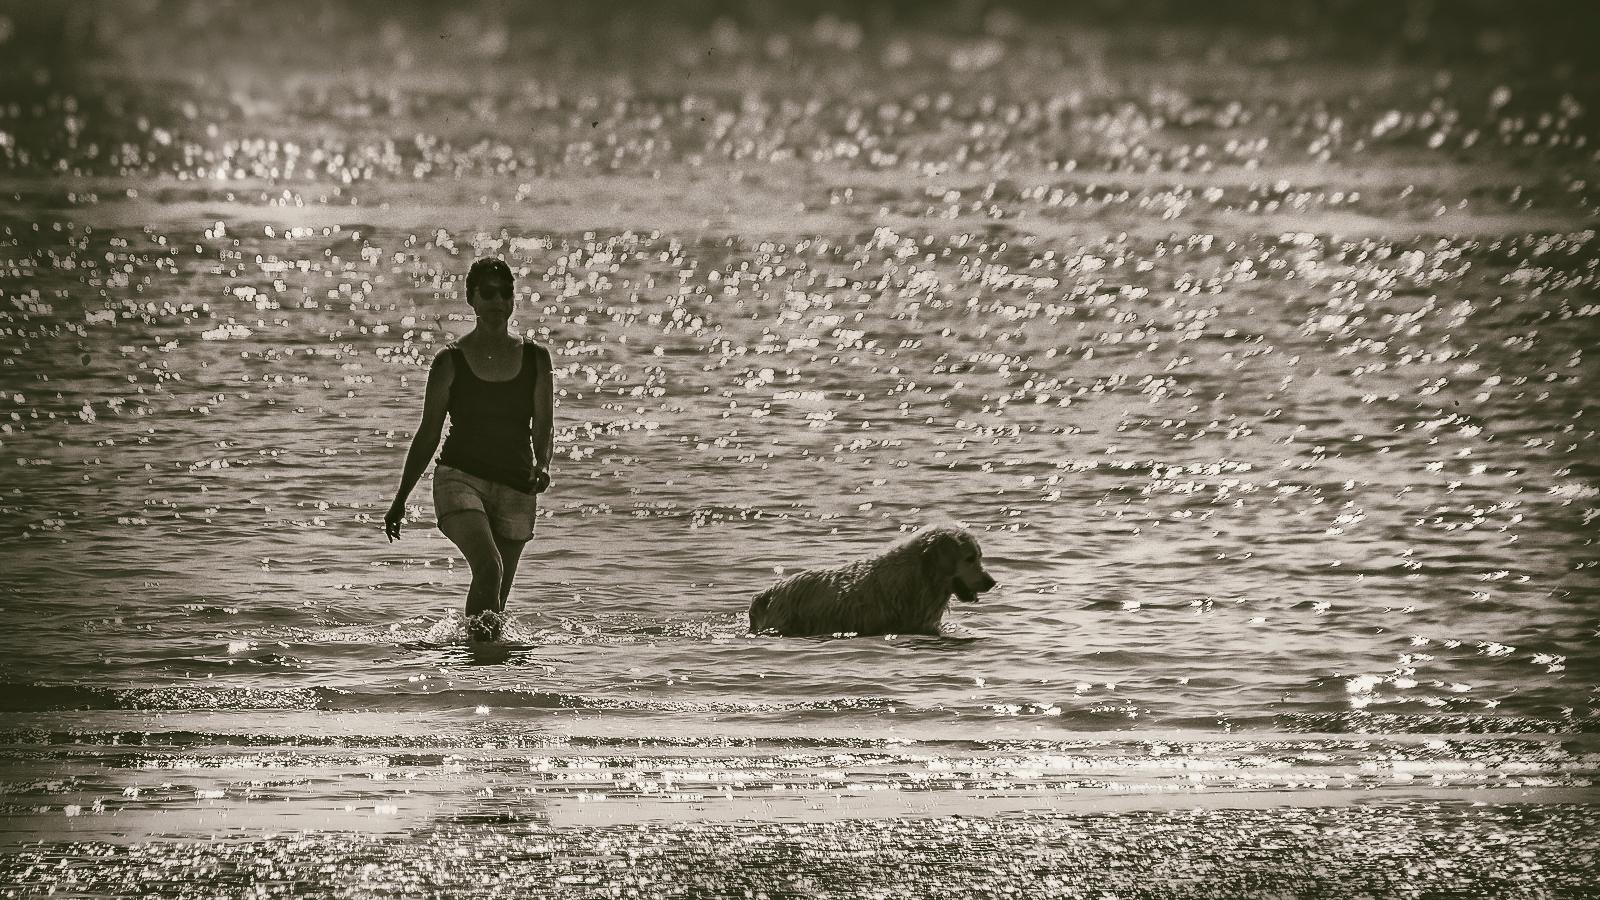 Strandwandeling met hond (Vlissingen - 27-08-2017)